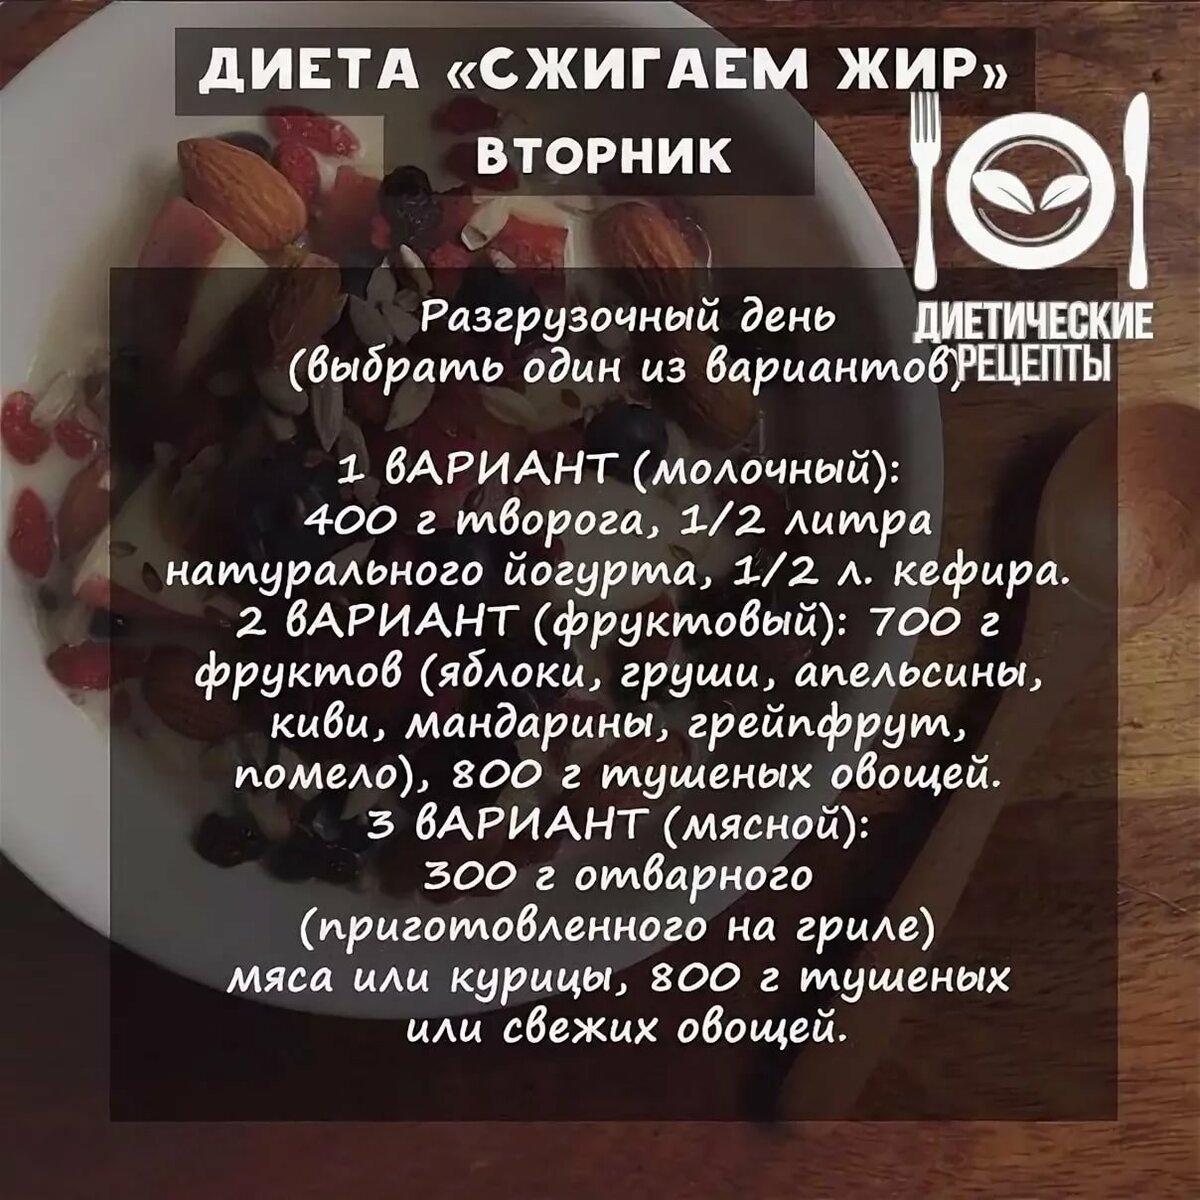 Все О Диете 12 Дней. Осенне-зимняя низкокалорийная диета «12 дней»